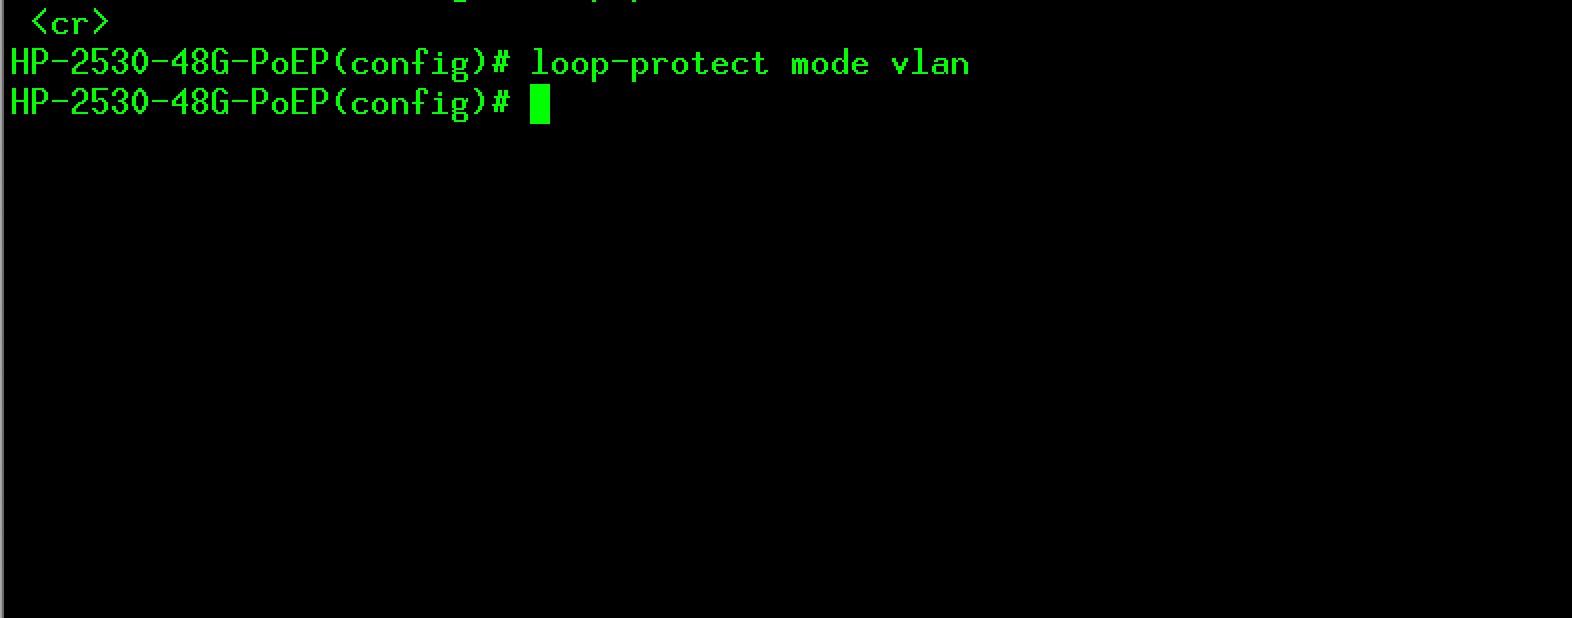 loop-protect